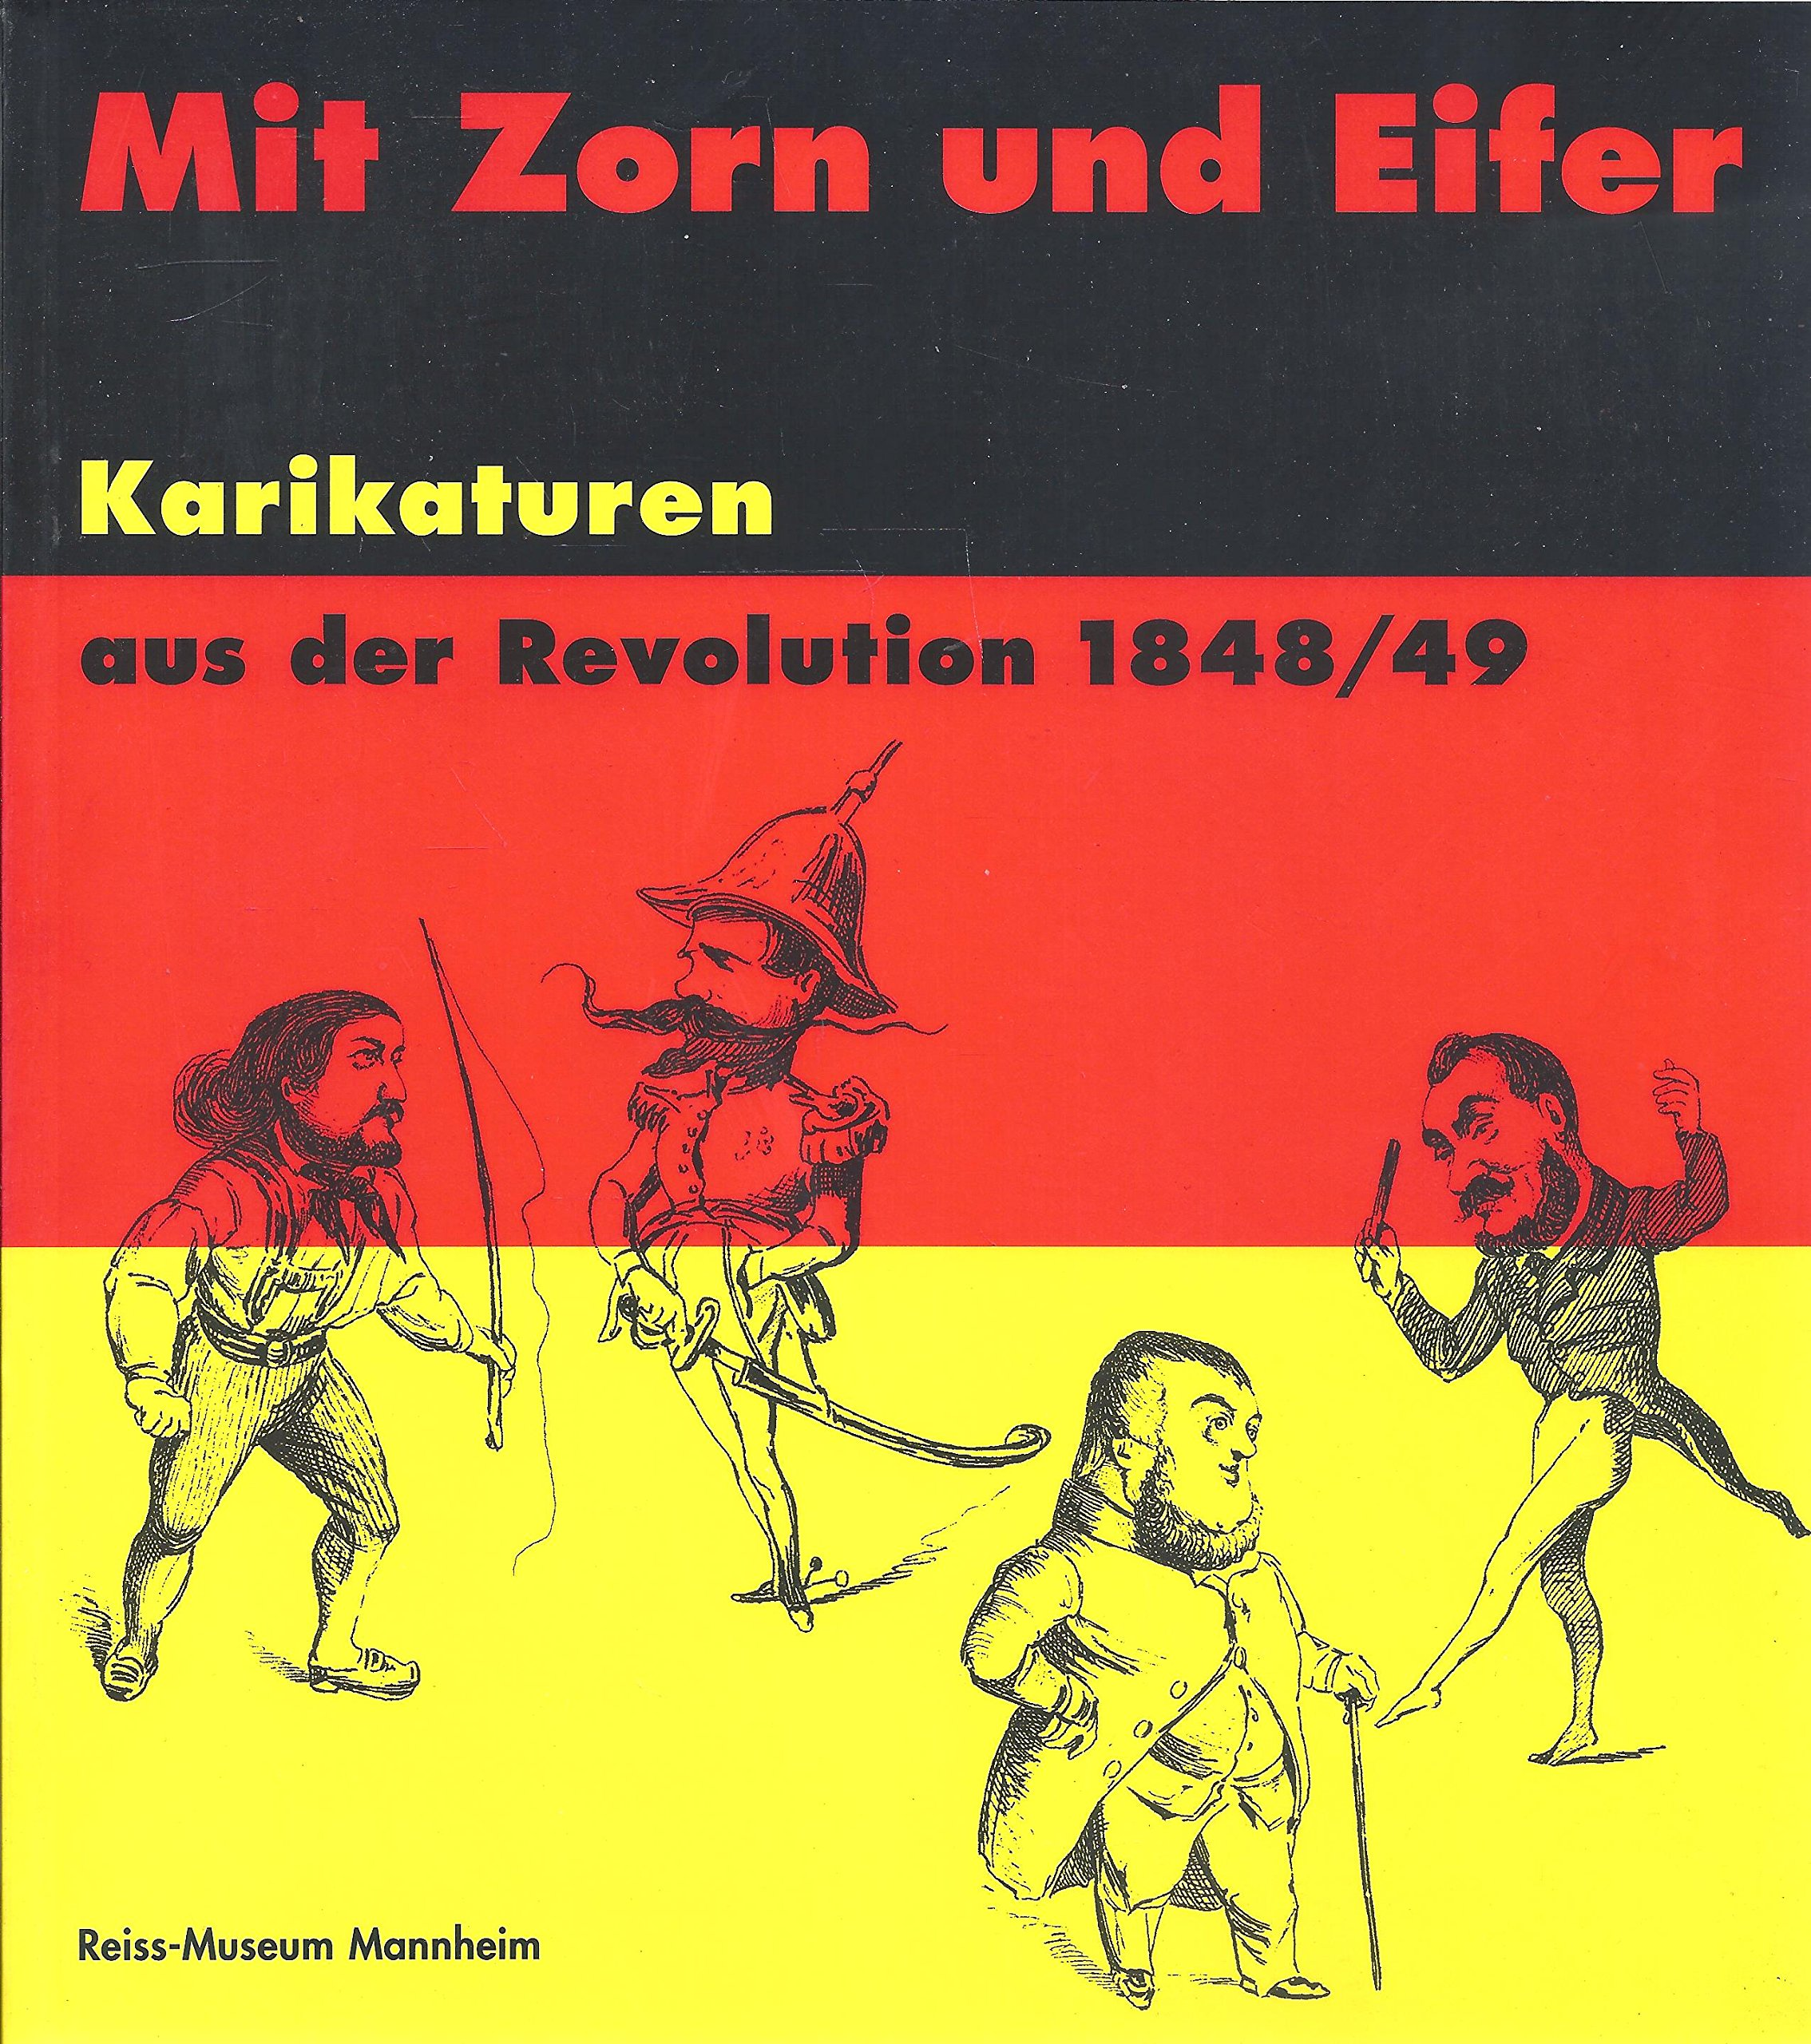 Mit Zorn und Eifer. Karikaturen aus der Revolution 1848/49. Der Bestand des Reiss-Museums Mannheim